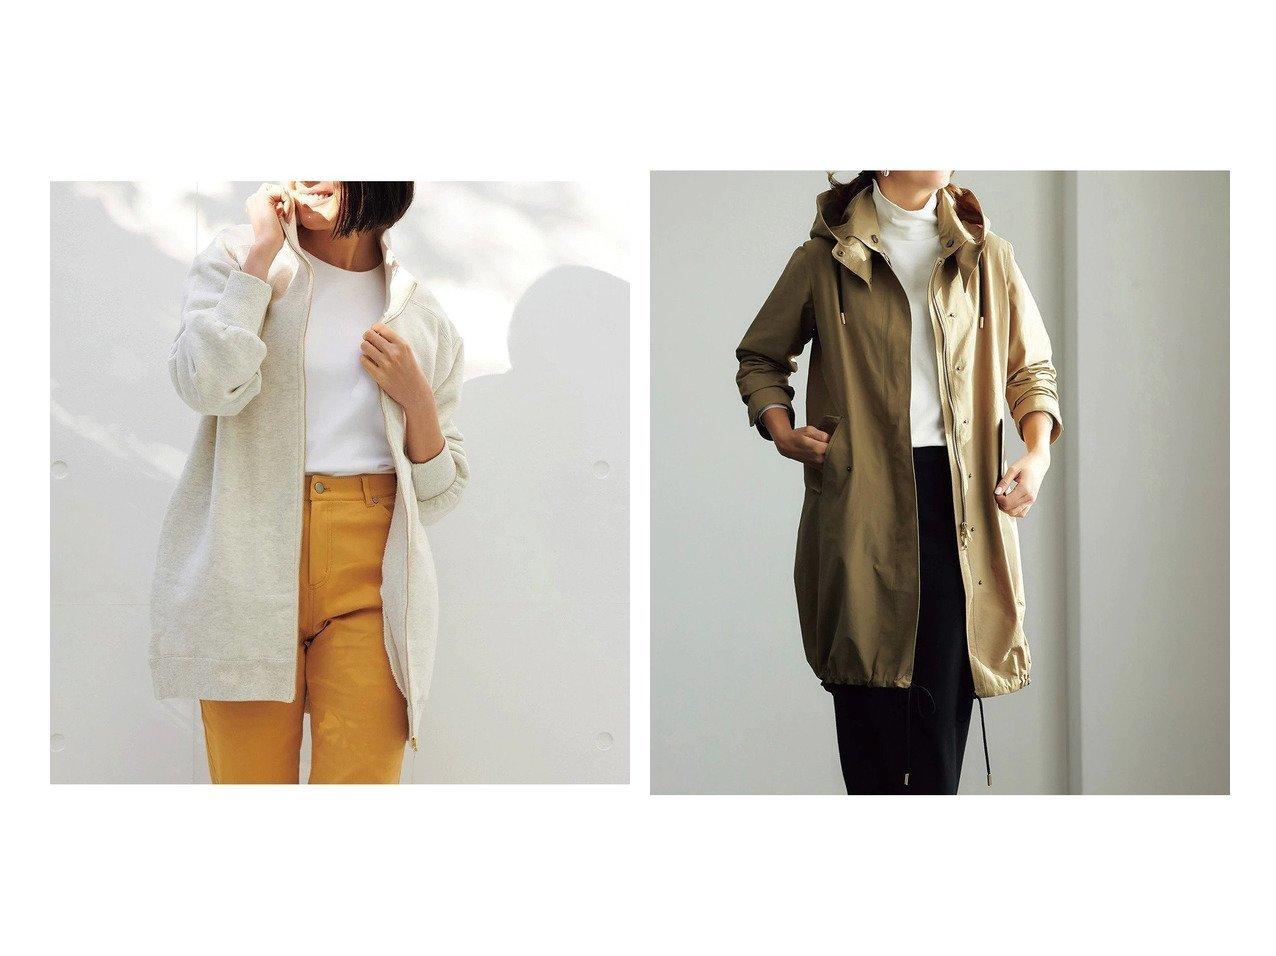 【DoCLASSE/ドゥクラッセ】のループ裏毛・ジップアップジャケット&高密度コットンナイロン・2WAYコート 40代、50代の女性におすすめ!人気トレンド・ファッションの通販 おすすめで人気の流行・トレンド、ファッションの通販商品 メンズファッション・キッズファッション・インテリア・家具・レディースファッション・服の通販 founy(ファニー) https://founy.com/ ファッション Fashion レディースファッション WOMEN アウター Coat Outerwear ジャケット Jackets コート Coats おすすめ Recommend ショルダー スウェット スポーティ トレンド トレーナー ドロップ ループ スタンド モダン ワイヤー |ID:crp329100000028125